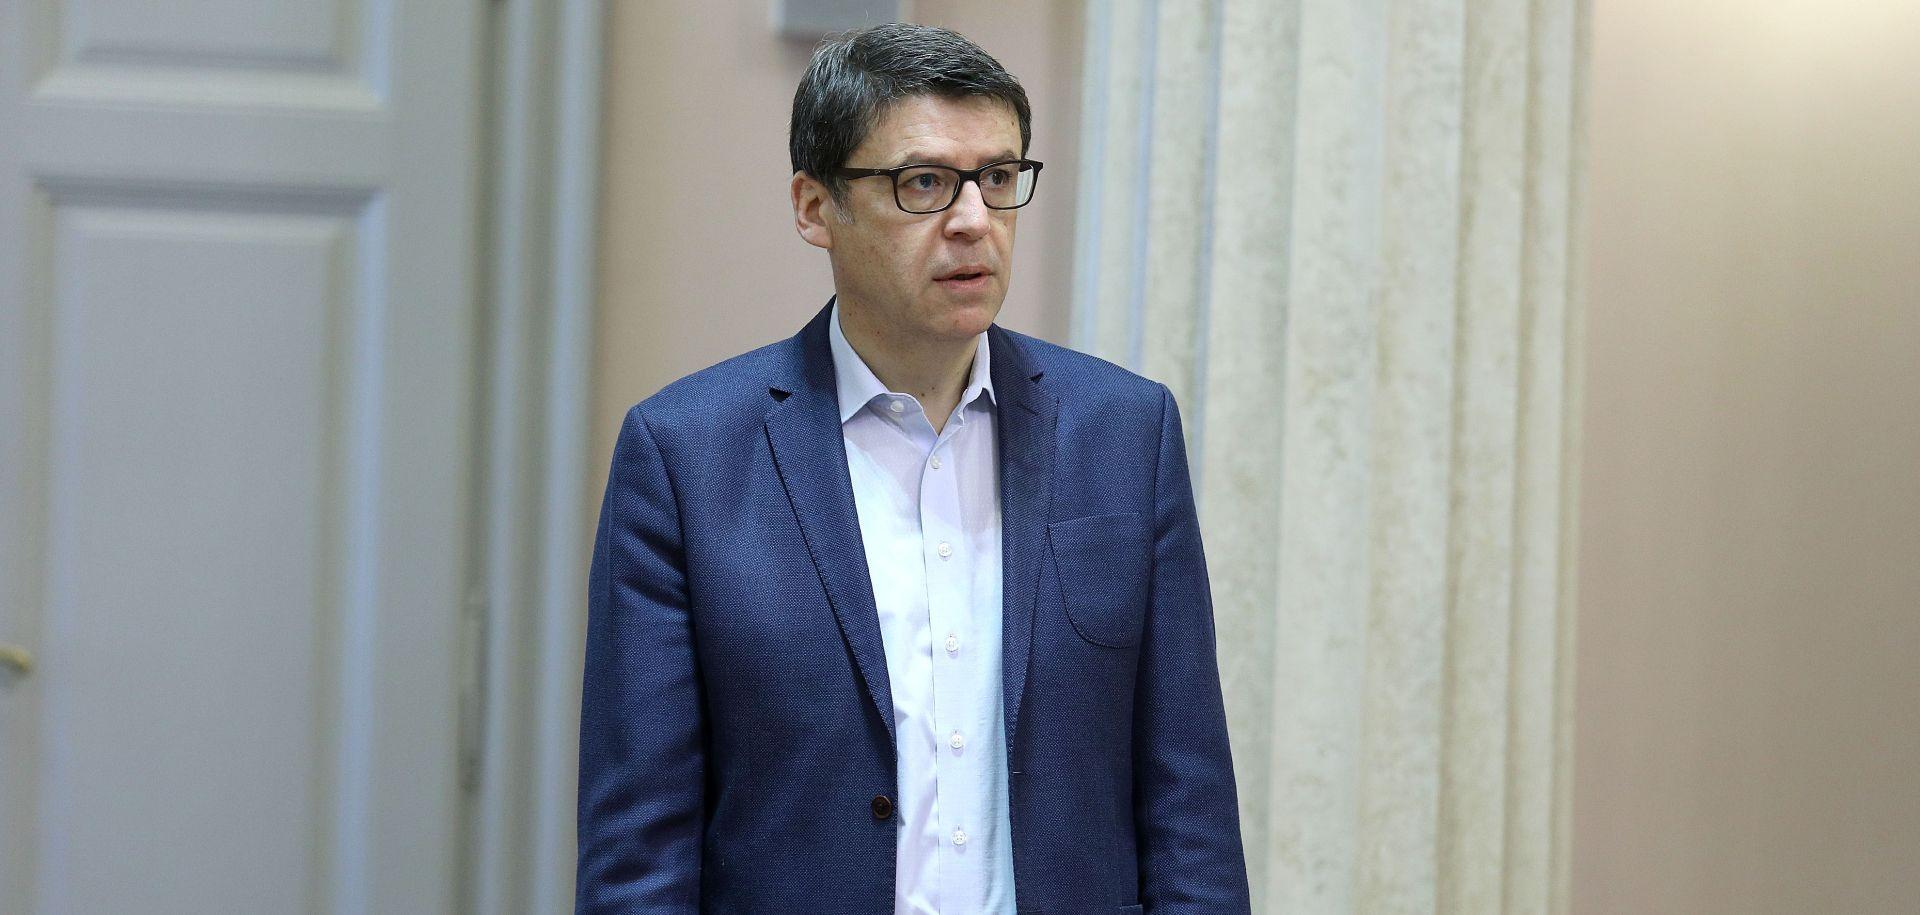 JOVANOVIĆ Mala izlaznost na izbore za predsjednika sramota za sve nas u SDP-u